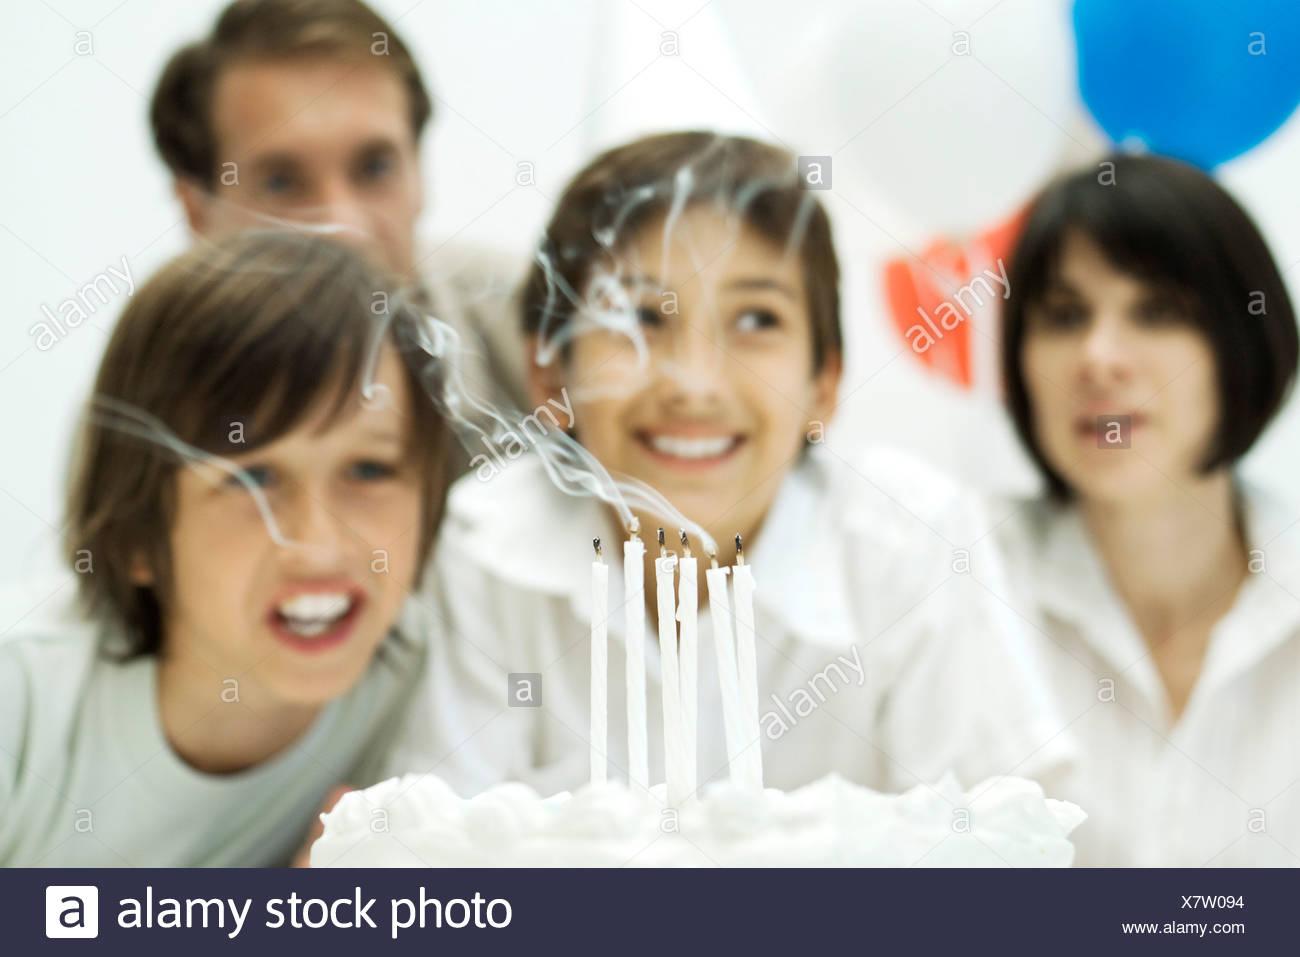 Los niños soplar las velas en el pastel de cumpleaños, los padres en segundo plano. Foto de stock